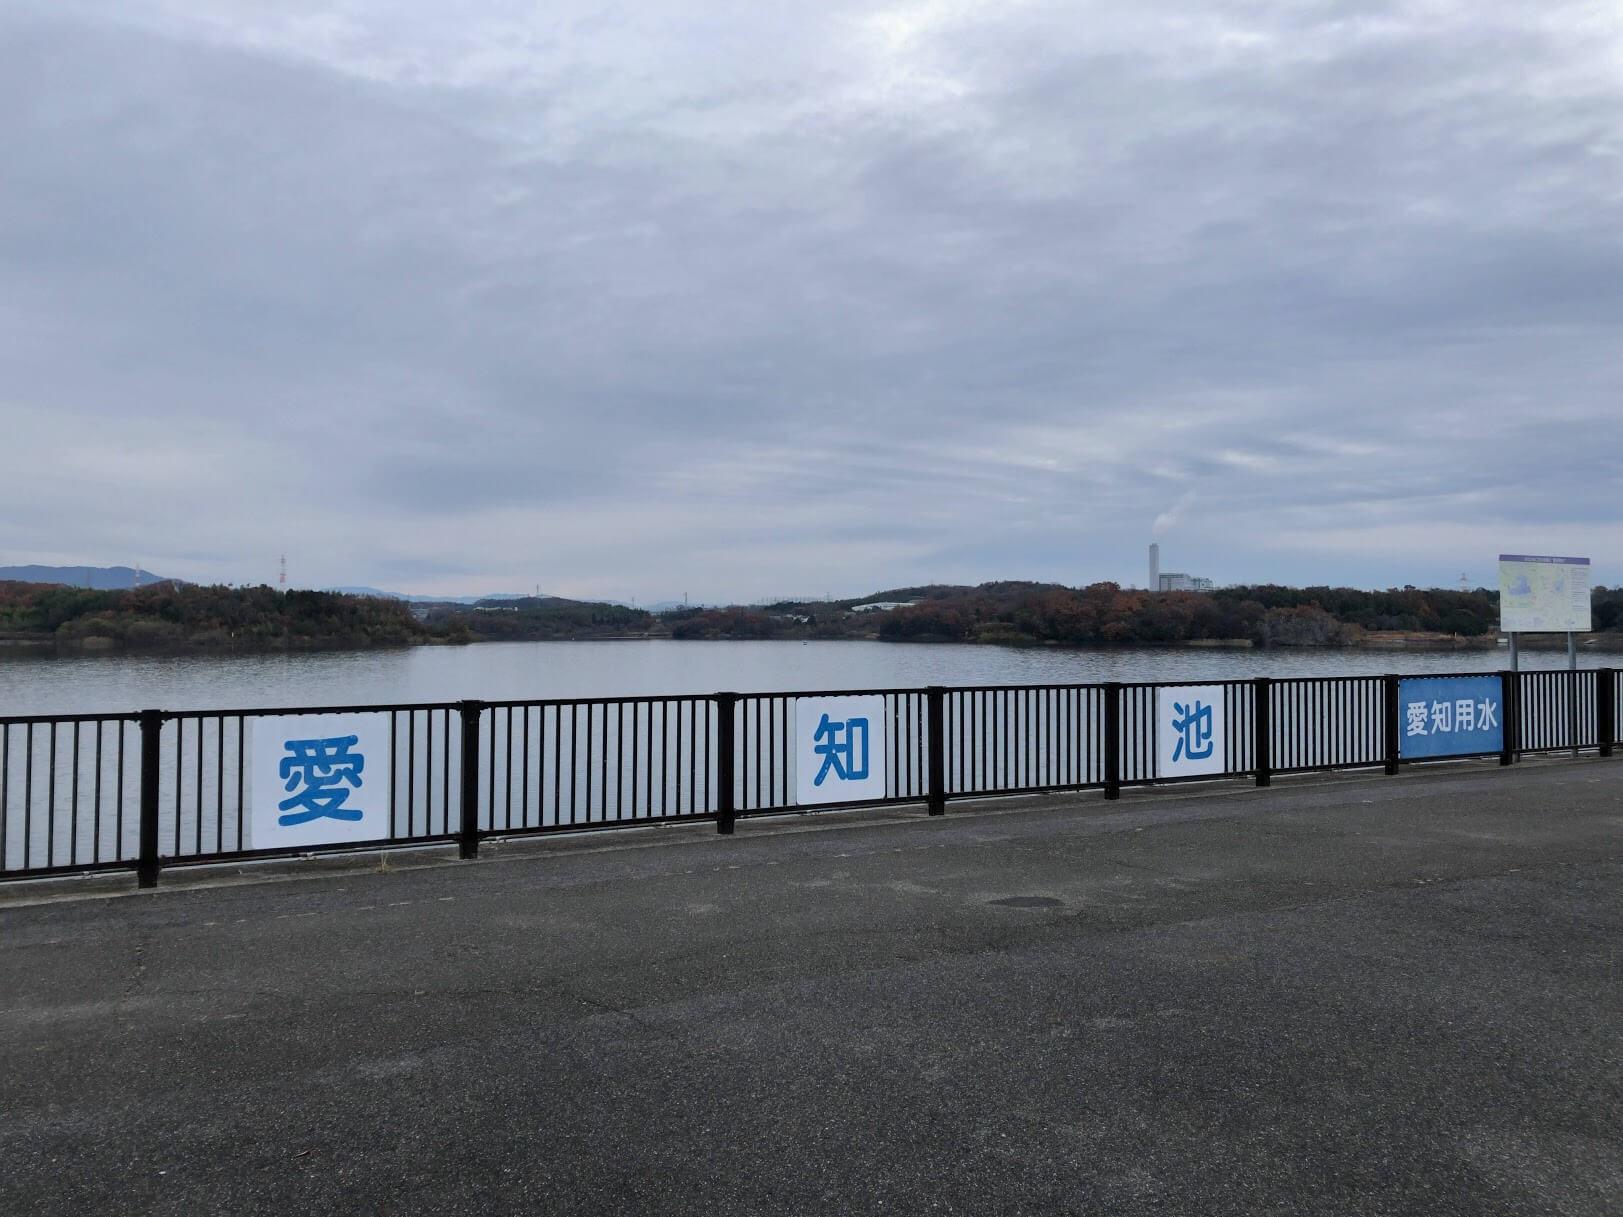 愛知池ハーフマラソン